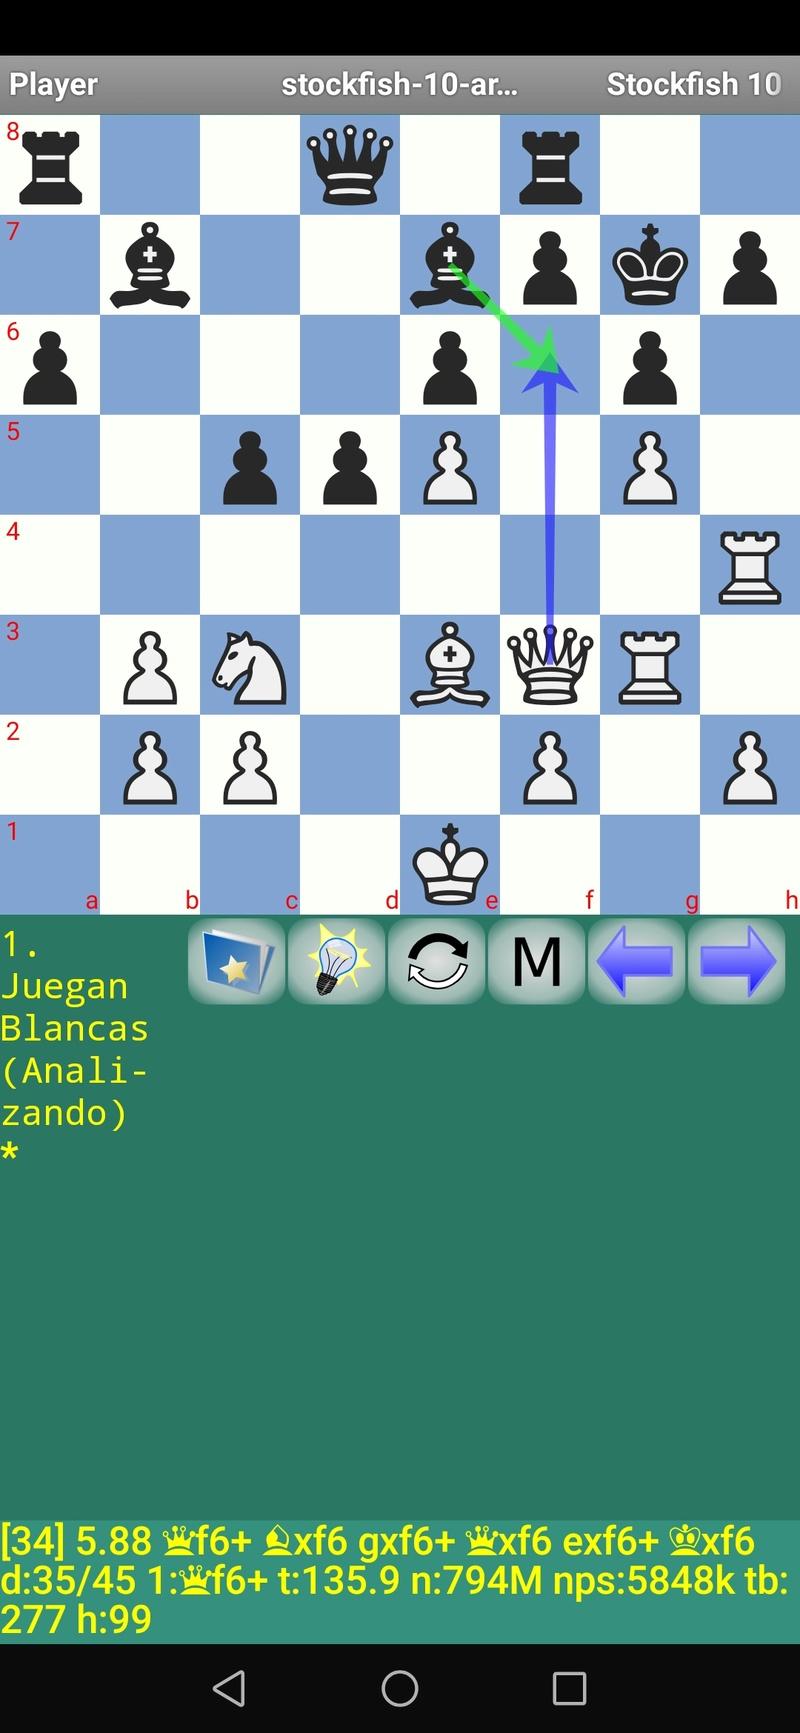 30 posiciones de Test fabulosas con el Stockfish 10 / Matador de QUIJOTEL (I) Scree104